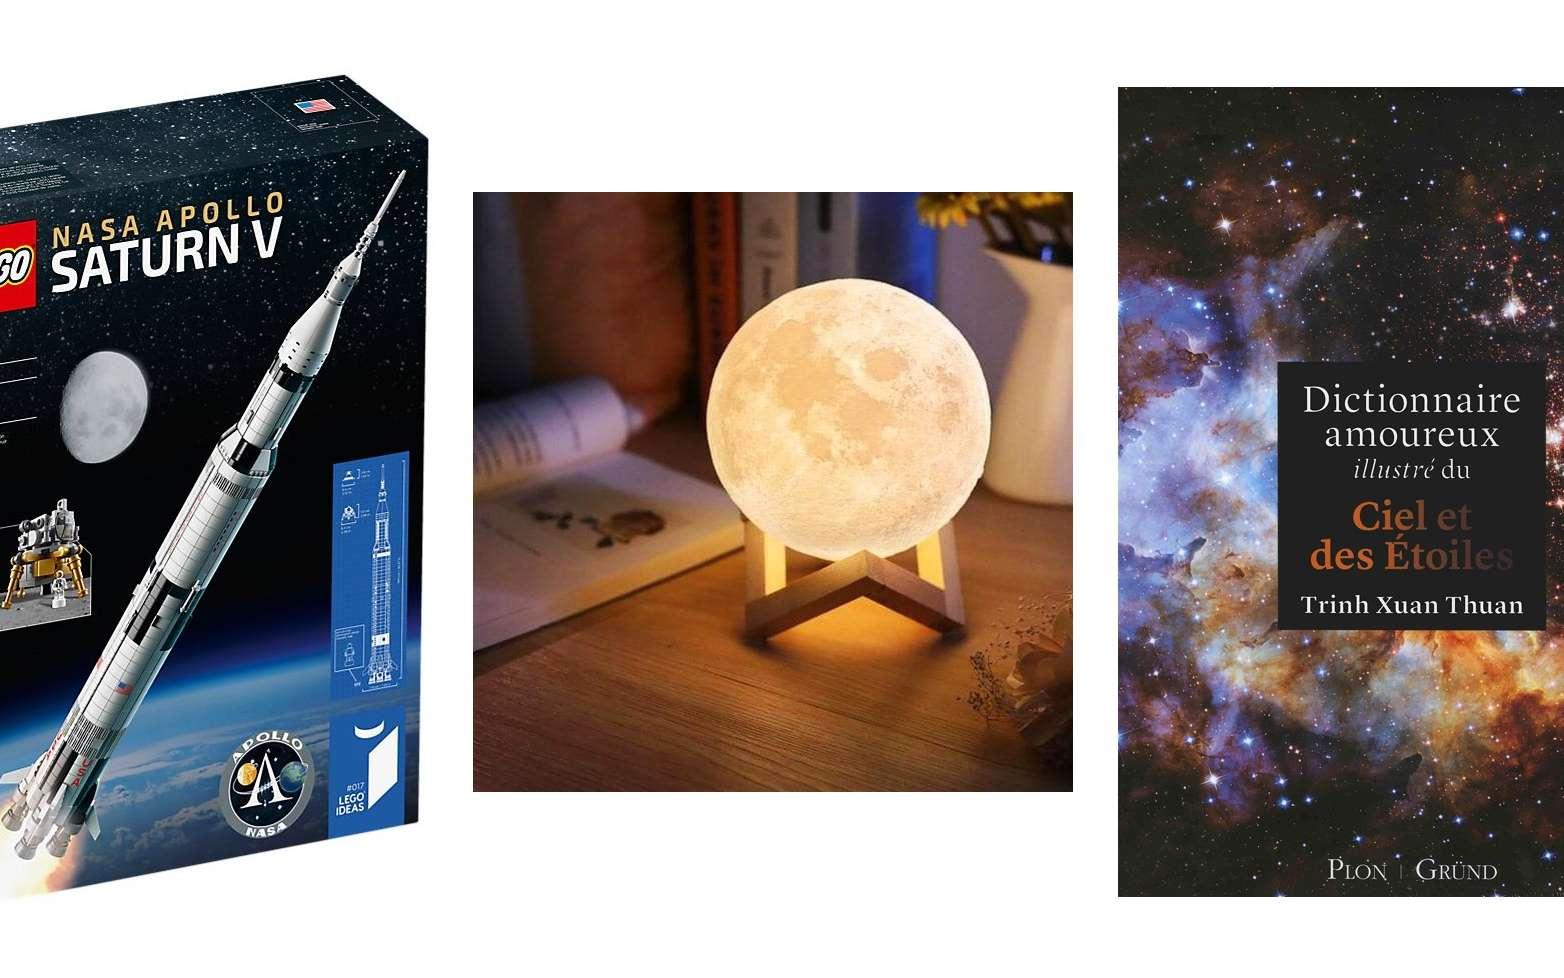 Idées de cadeaux de Noël pour les fans d'espace et d'astronomie. © Lego, Nature et Découverte, Gründ